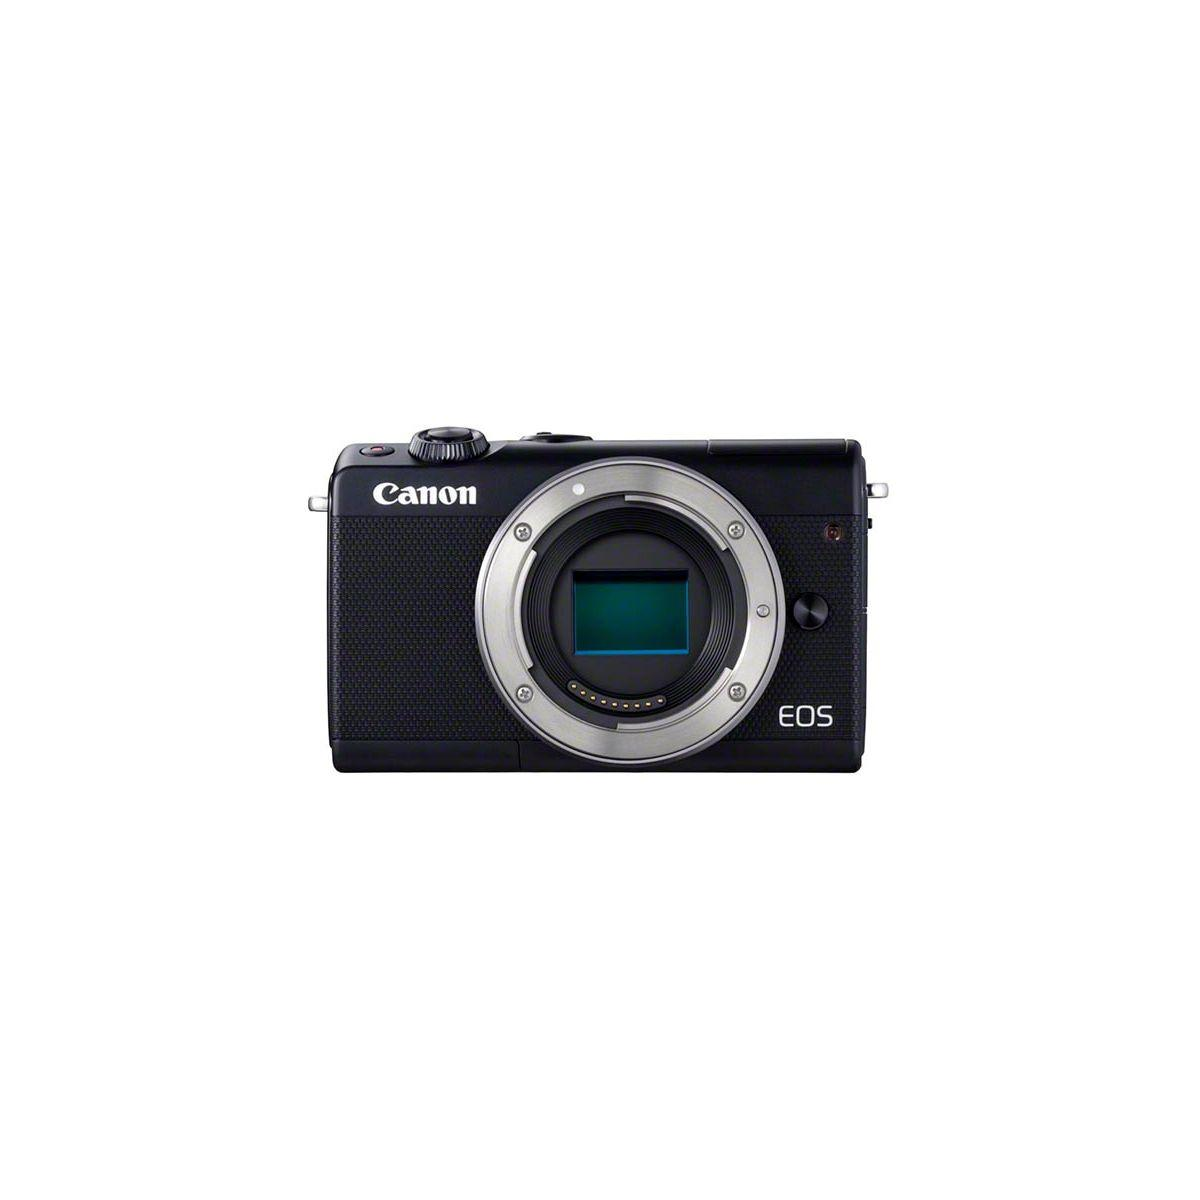 Appareil photo hybride canon eos m100 noir - 7% de remise imm�diate avec le code : fete7